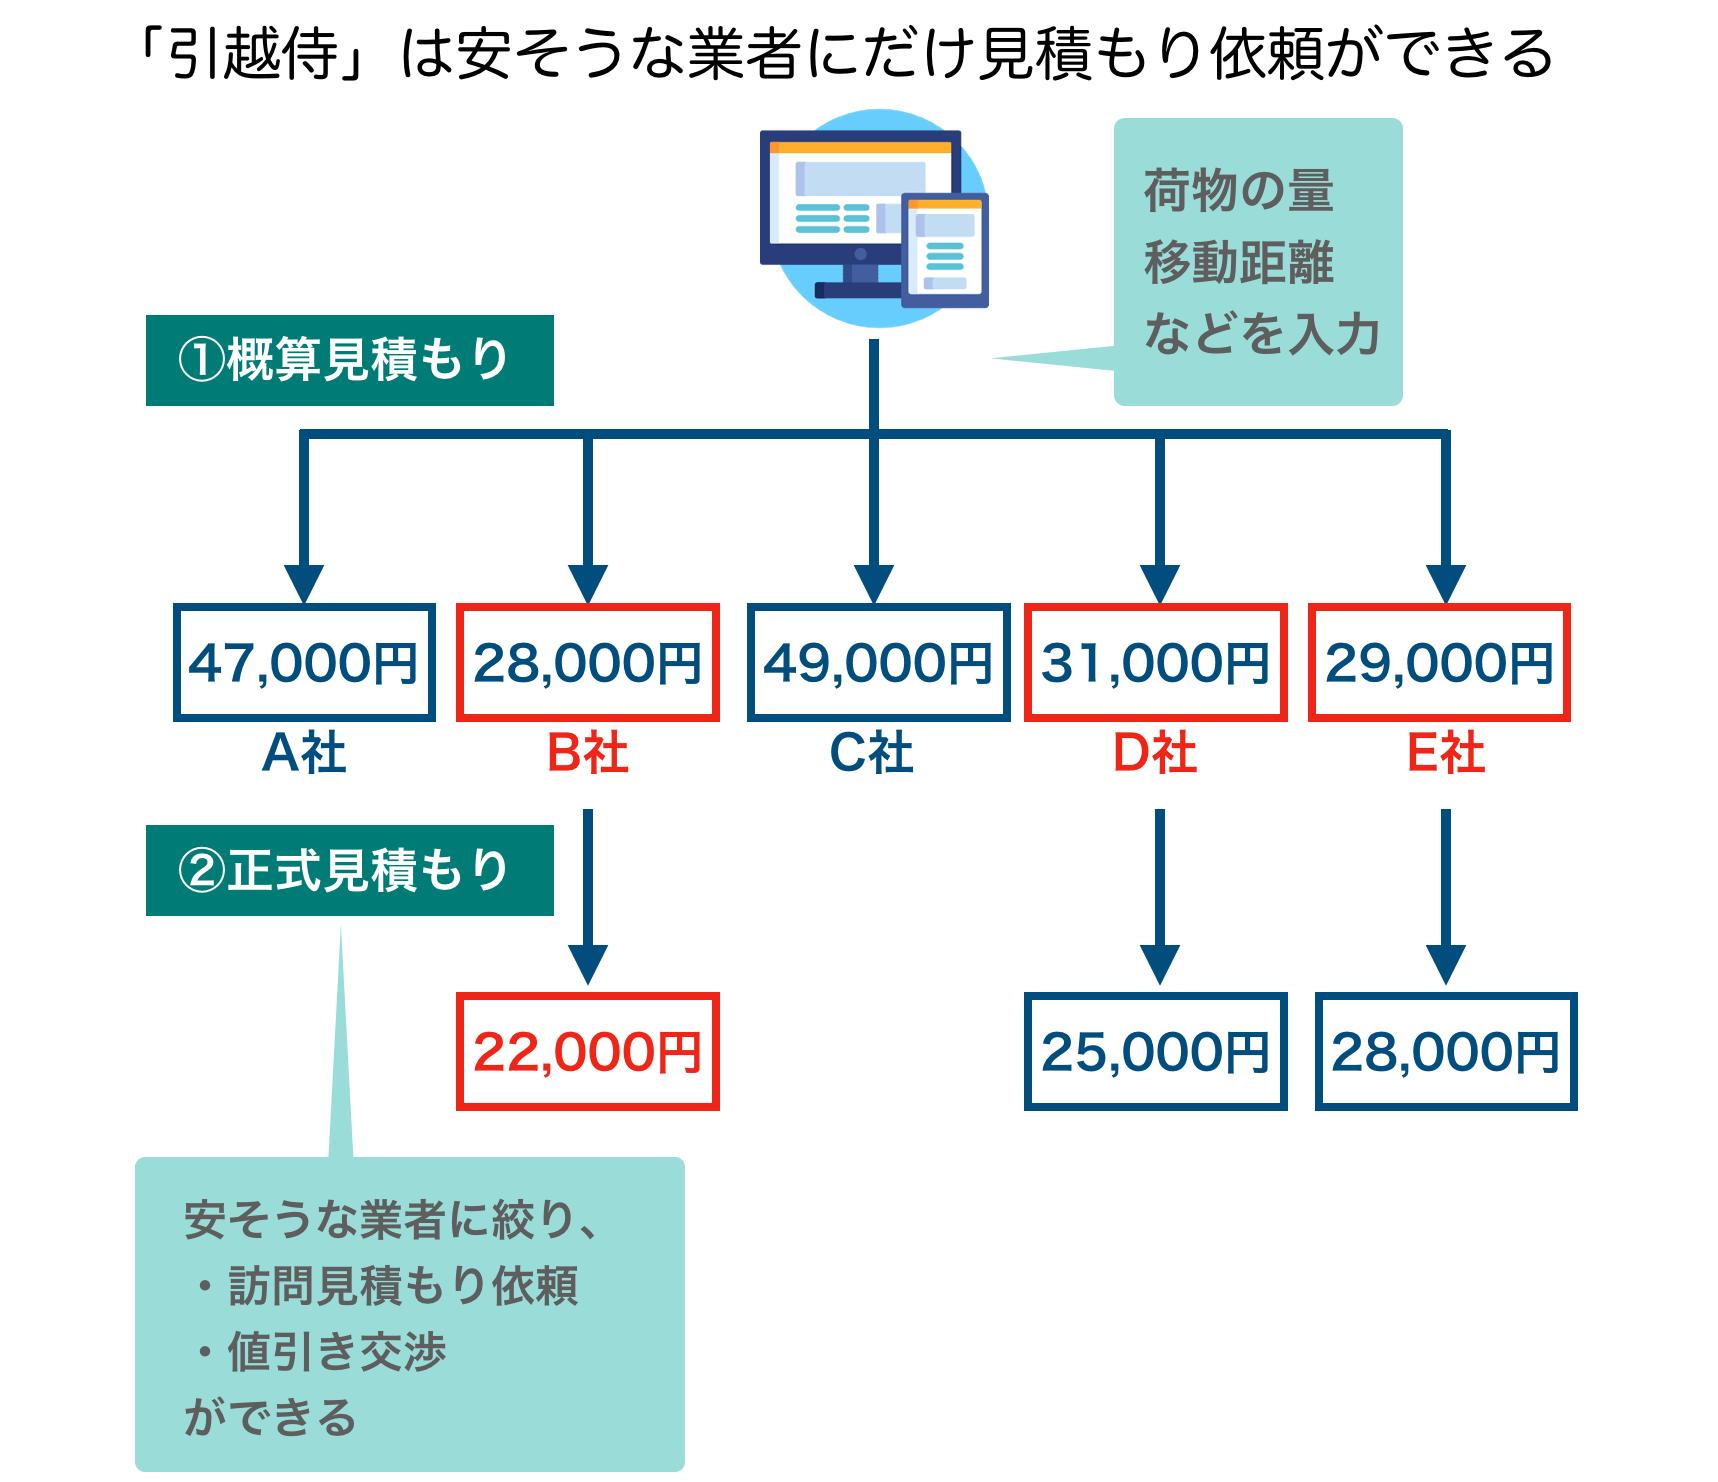 概算見積額のわかるサイトの説明の図